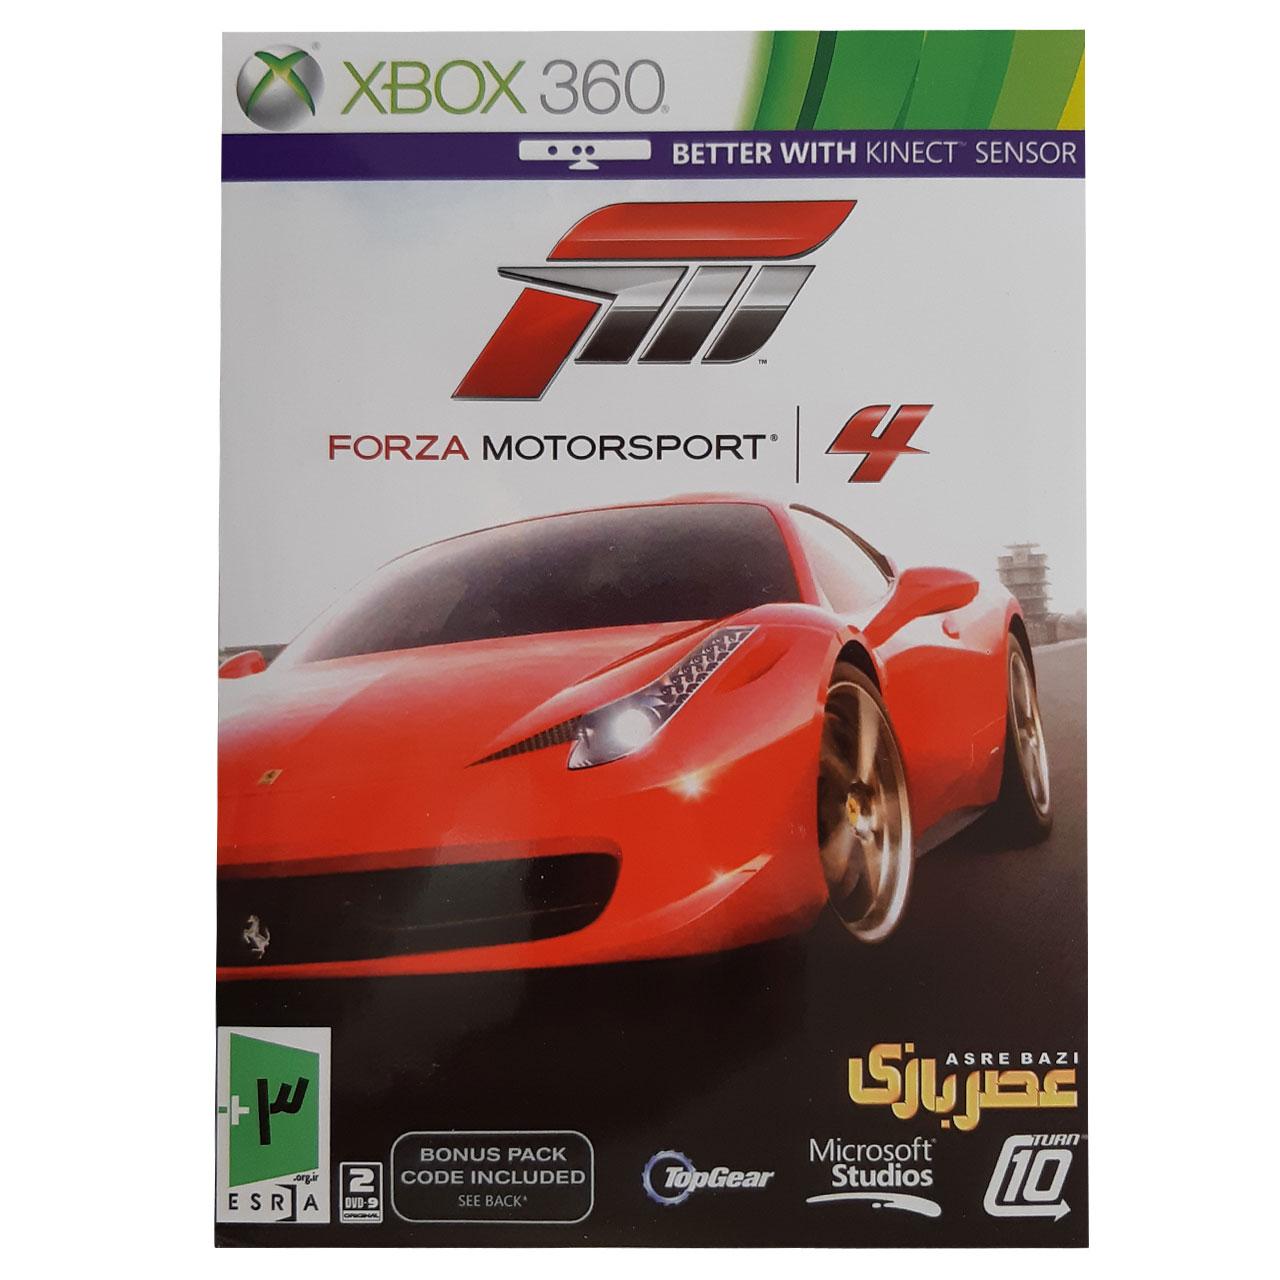 خرید اینترنتی بازی FORZA MOTORSPORT مخصوص Xbox 360 اورجینال